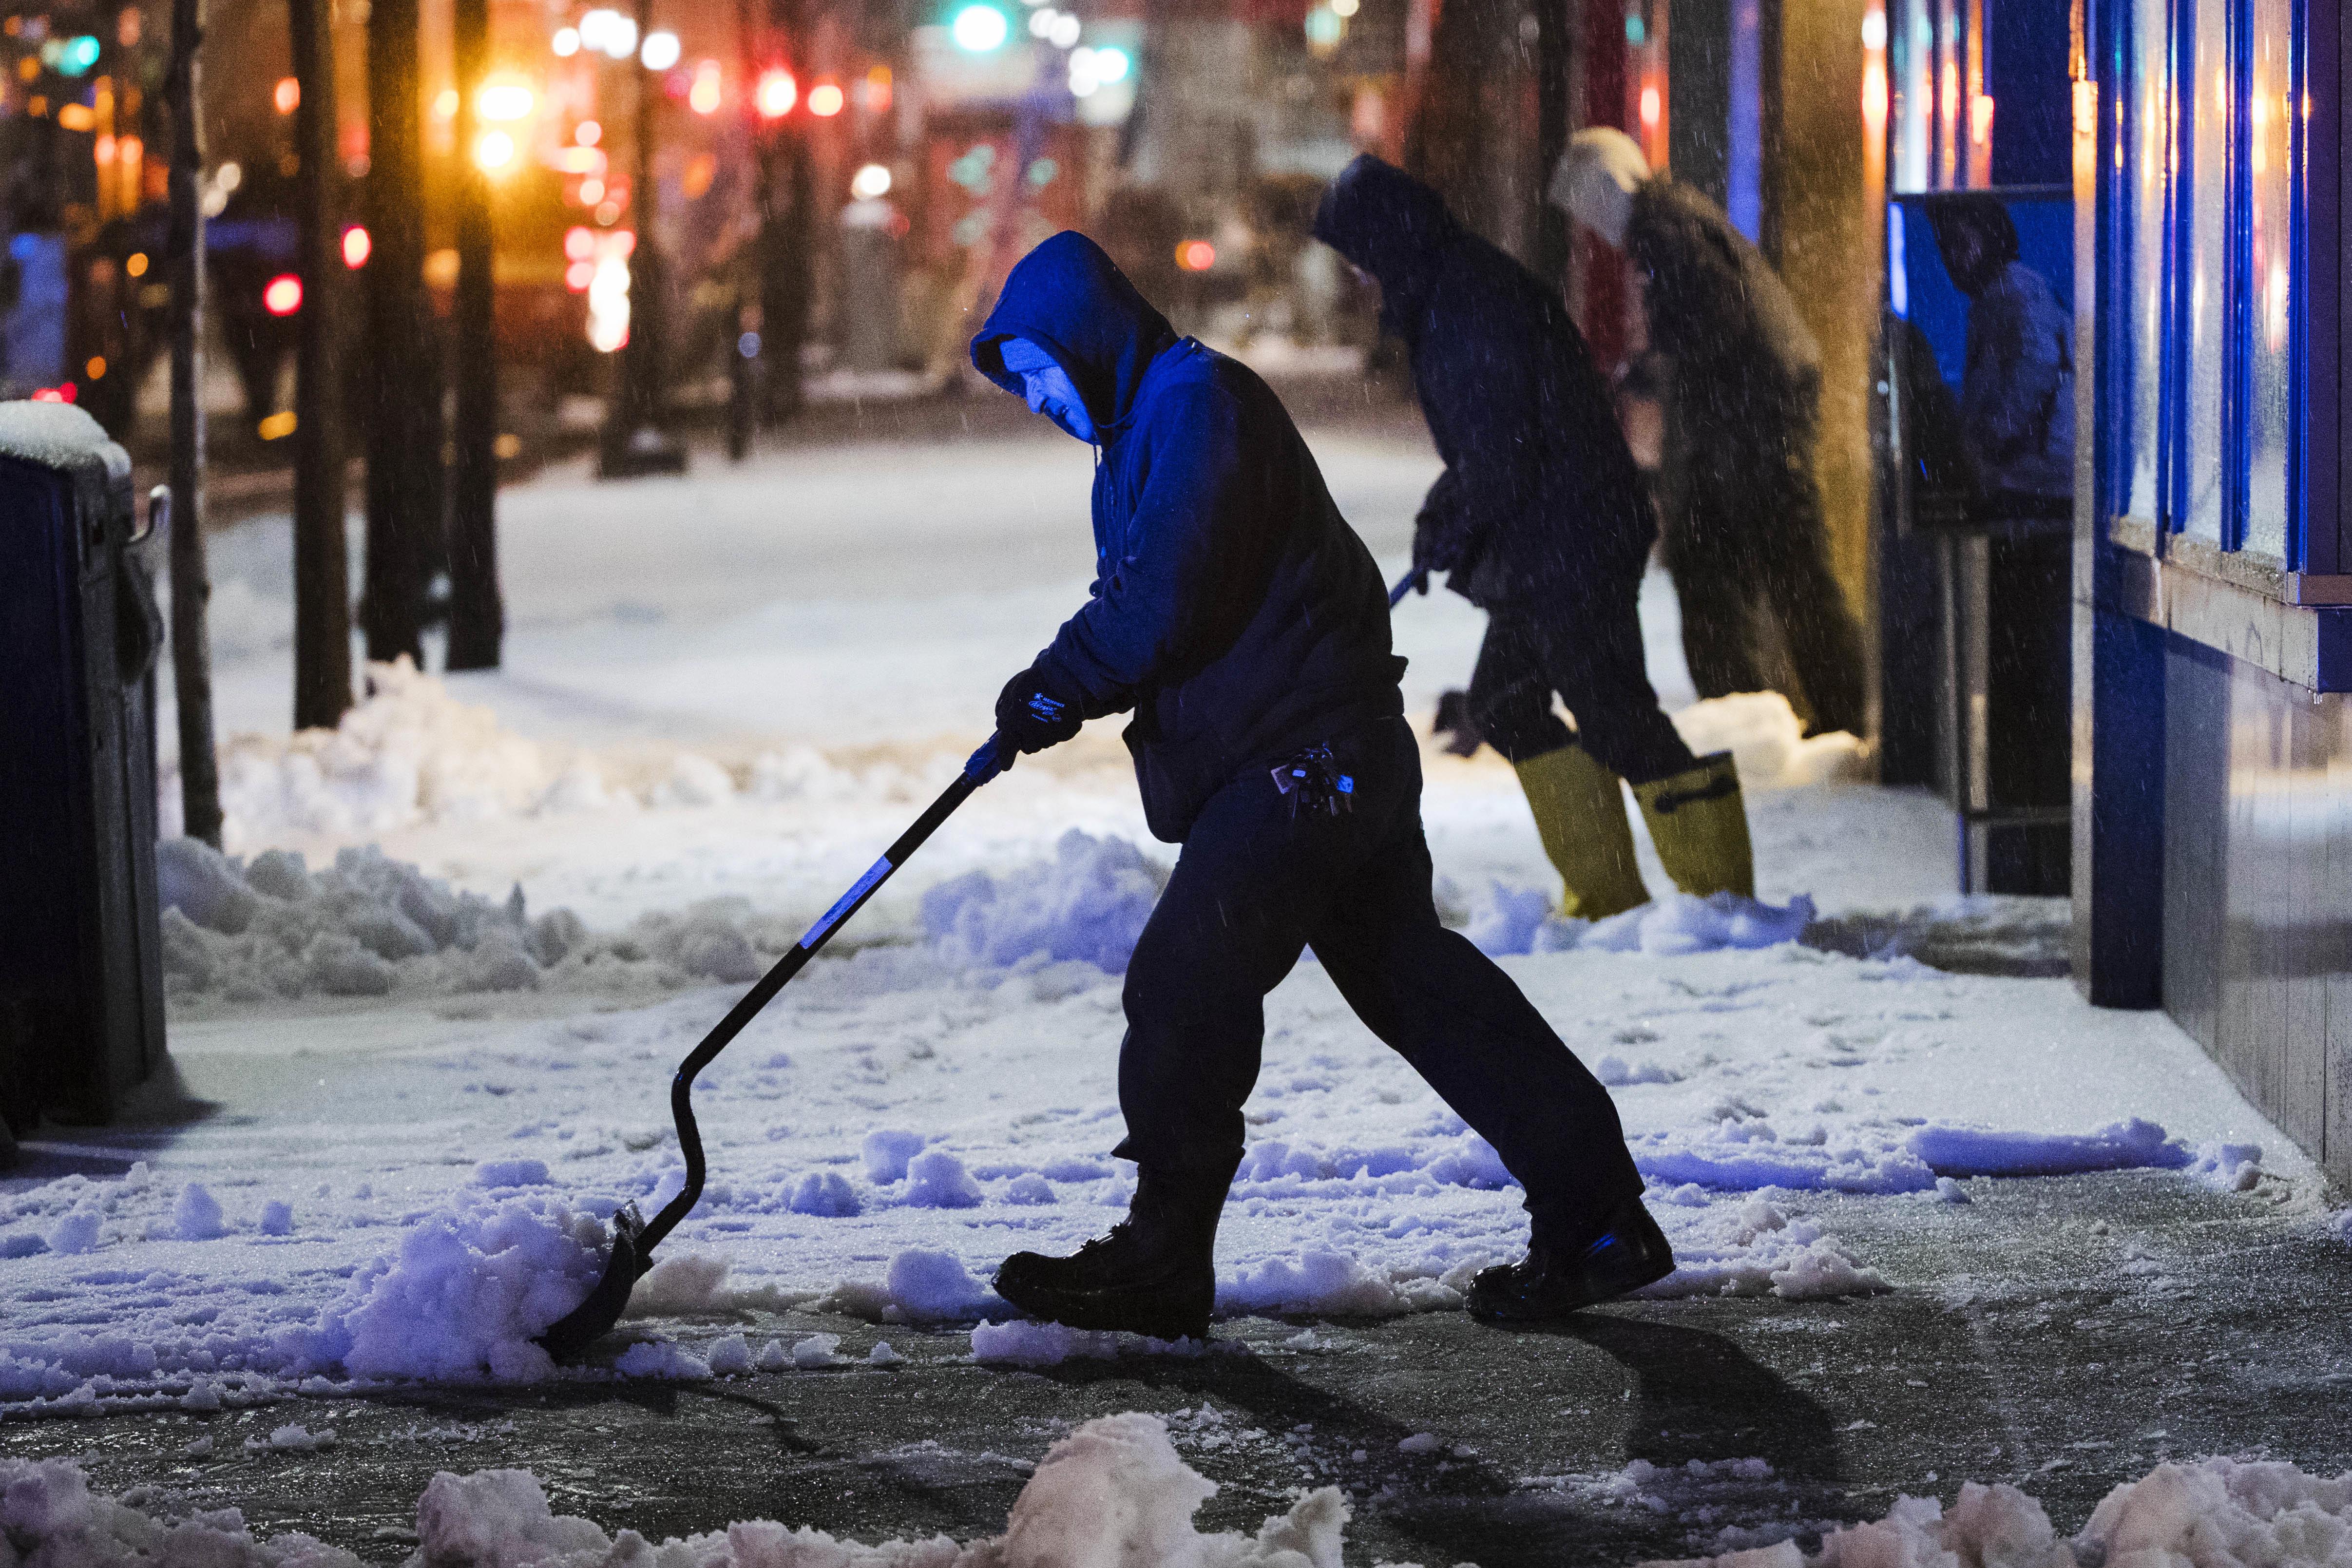 Workmen clear a sidewalk during a winter storm in Philadelphia on March 14, 2017. (AP Photo/Matt Rourke)